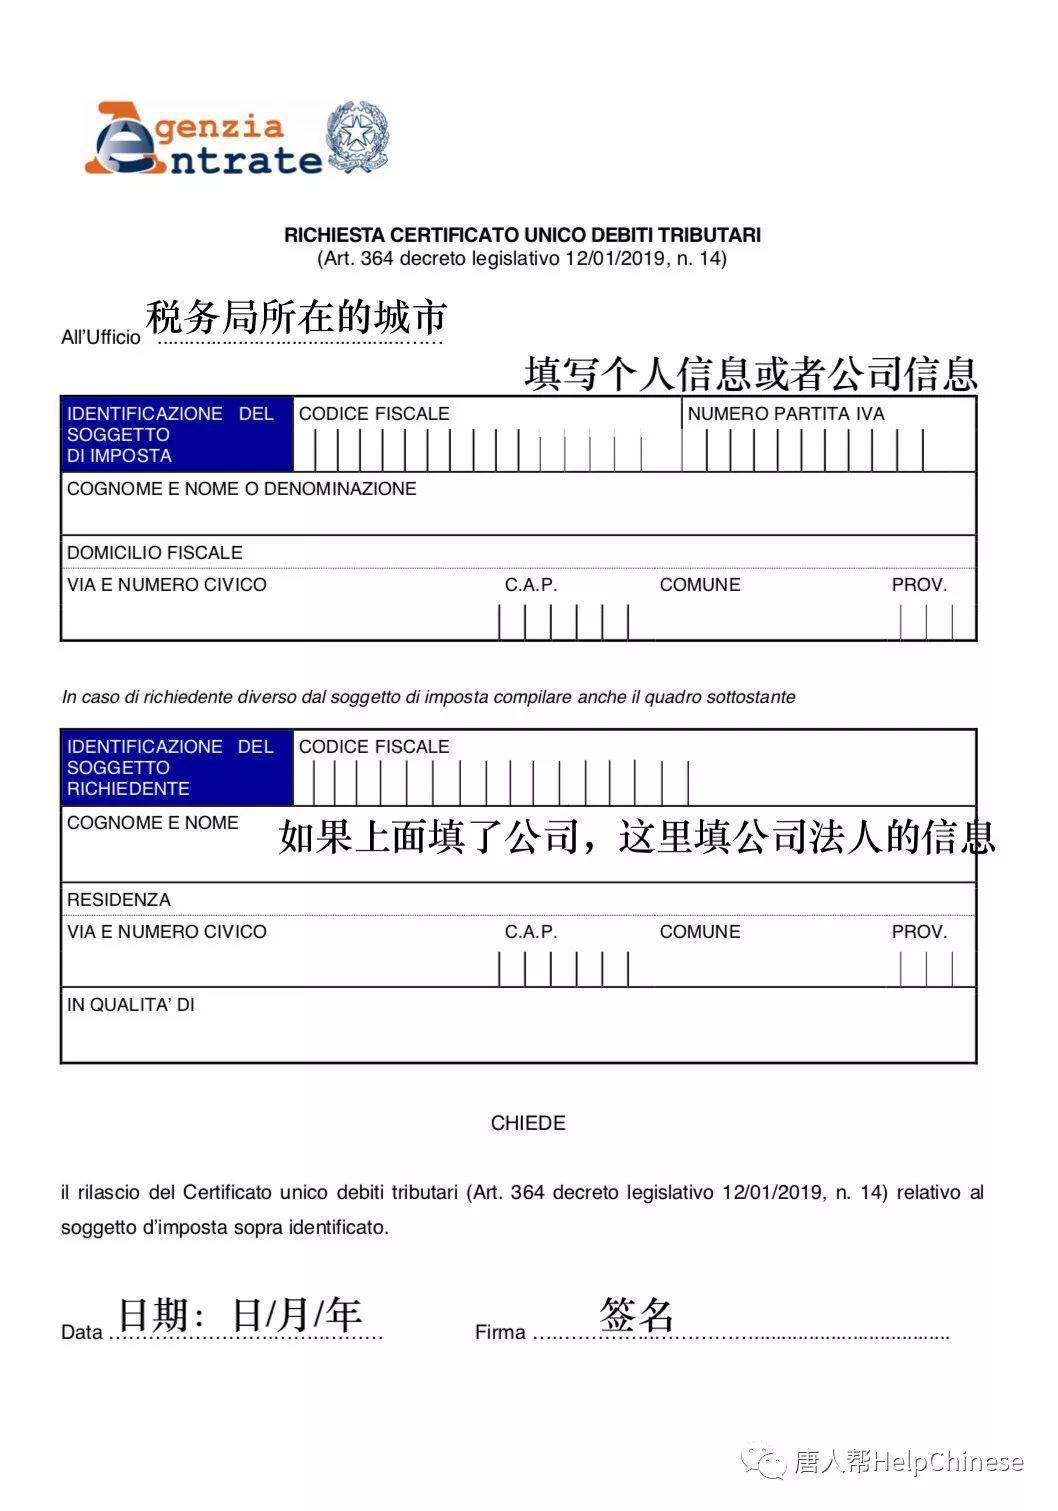 新规定,6月27号开始意大利税务信息全国联网